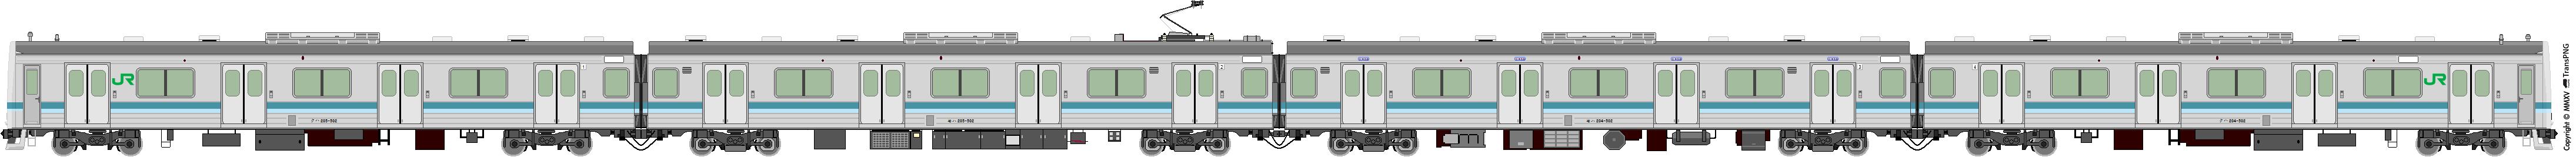 [5036] 東日本旅客鉄道 5036